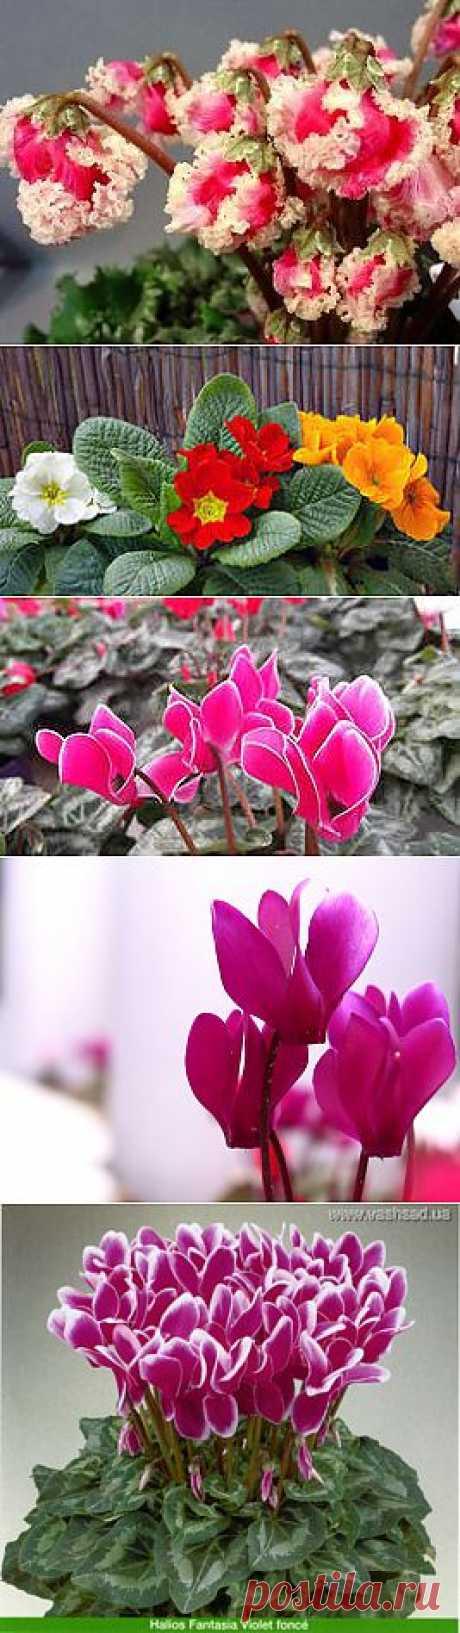 фото цветы цикламены: